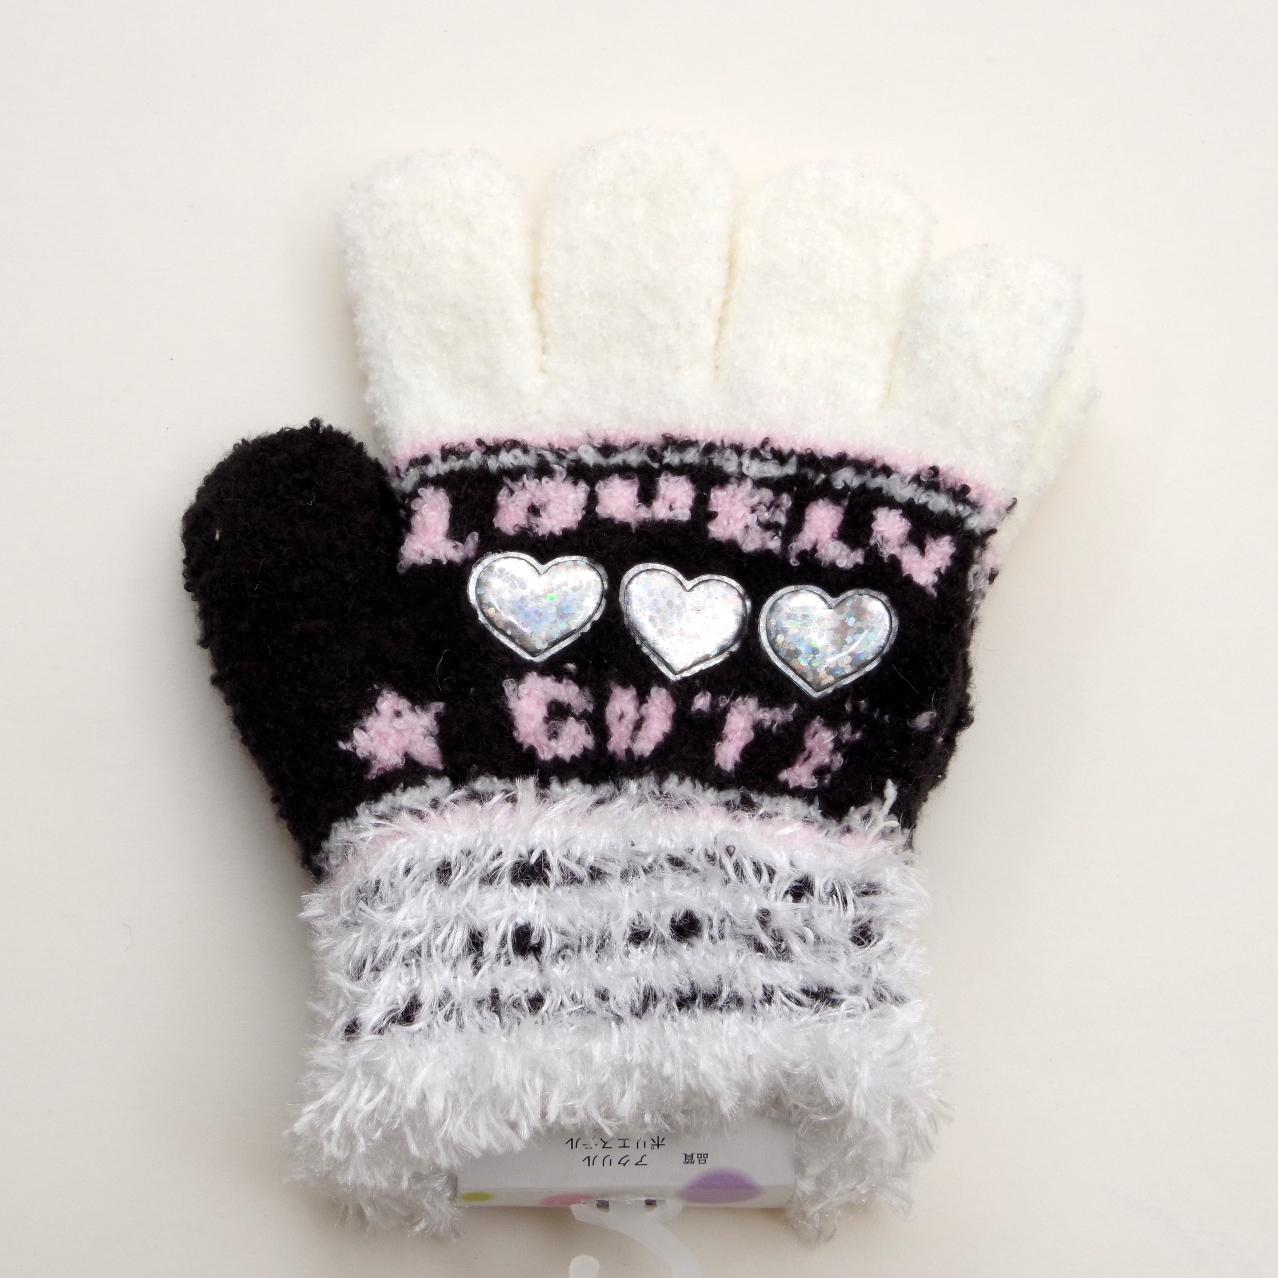 日本製  のびのび五指手袋 キッズ/ジュニア 15cm 3つハート  (1610-1715)